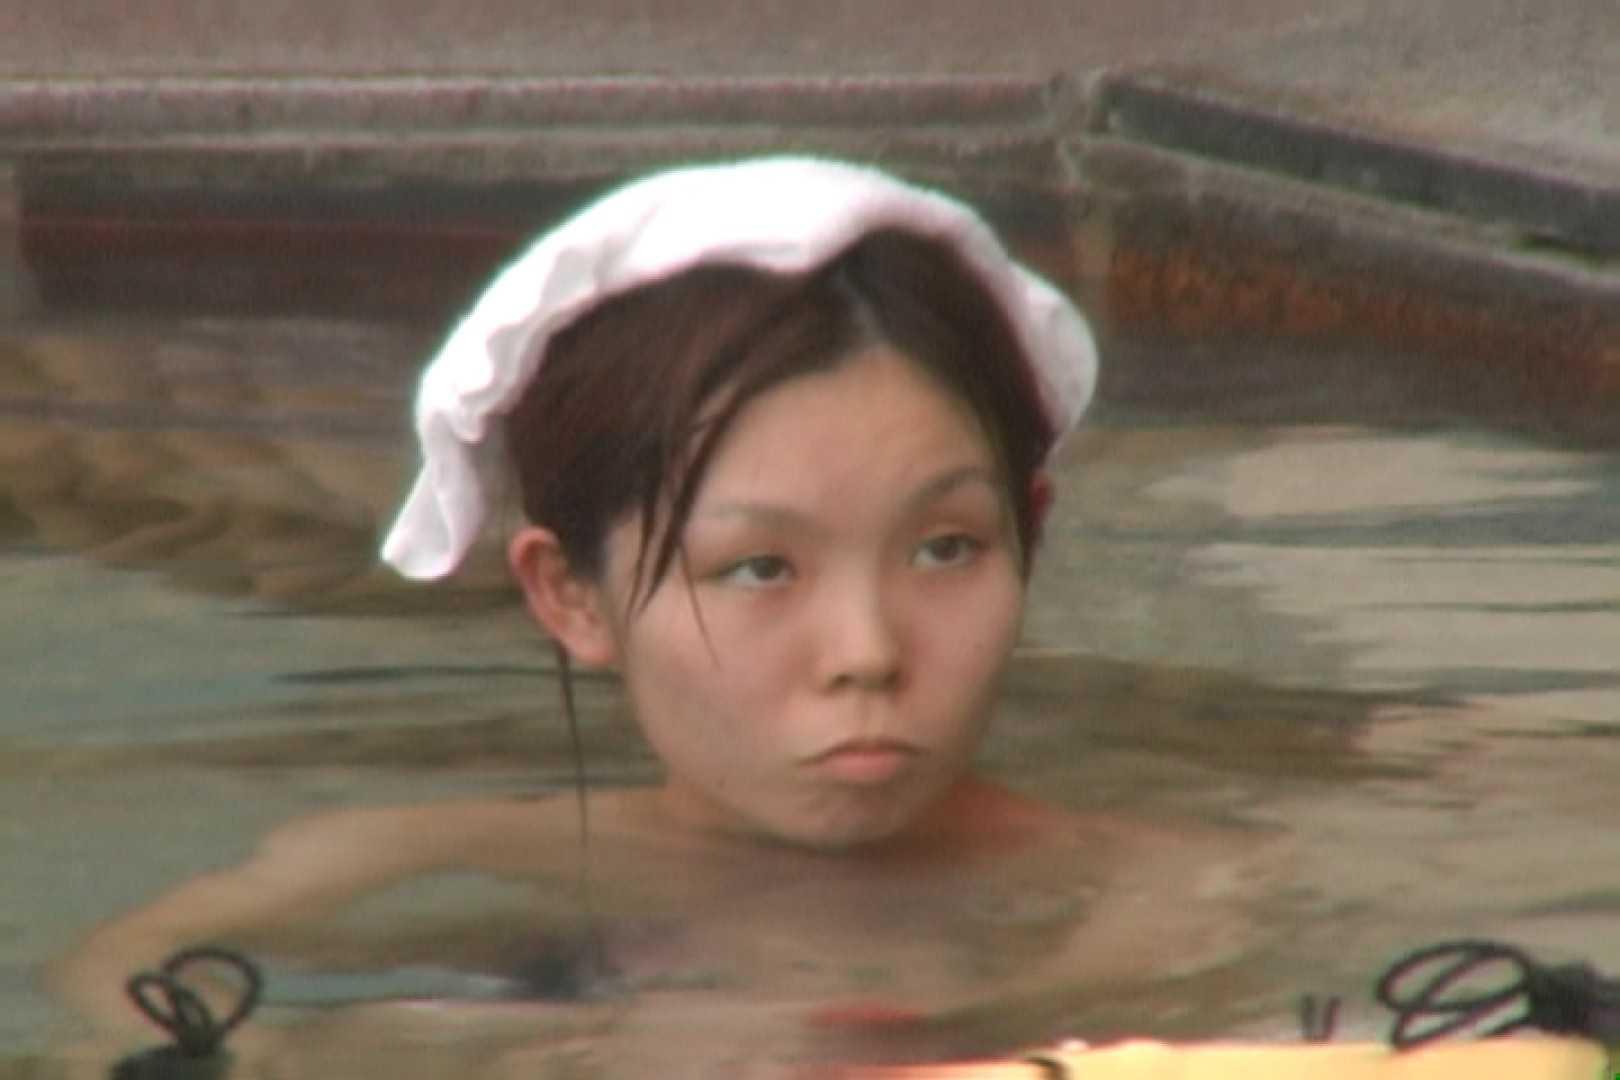 Aquaな露天風呂Vol.580 盗撮師作品 | 美しいOLの裸体  98pic 46